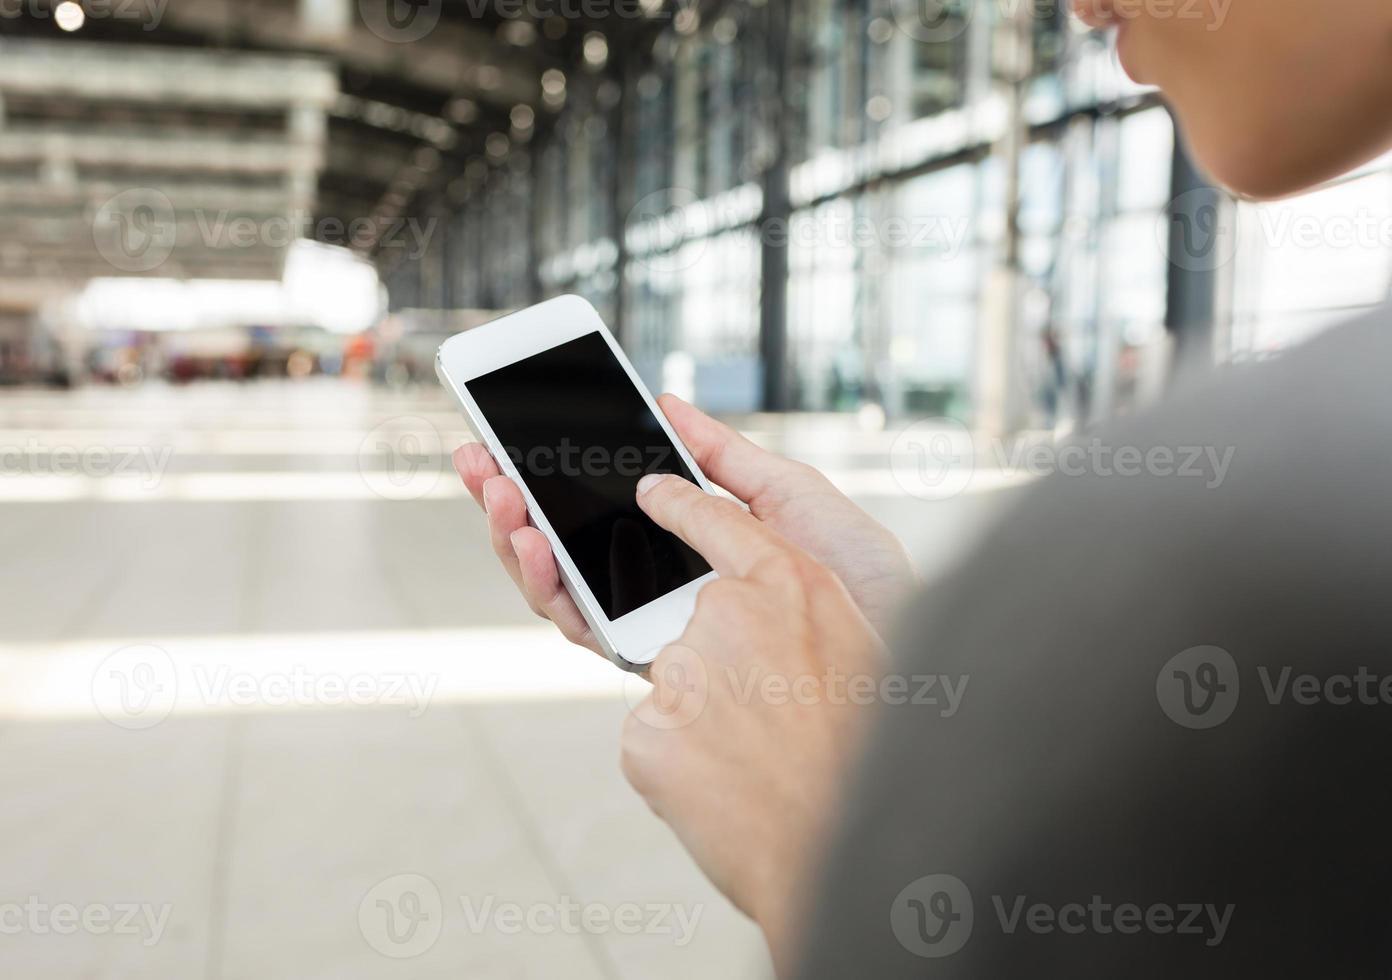 en utilisant un téléphone intelligent à l'aéroport. photo